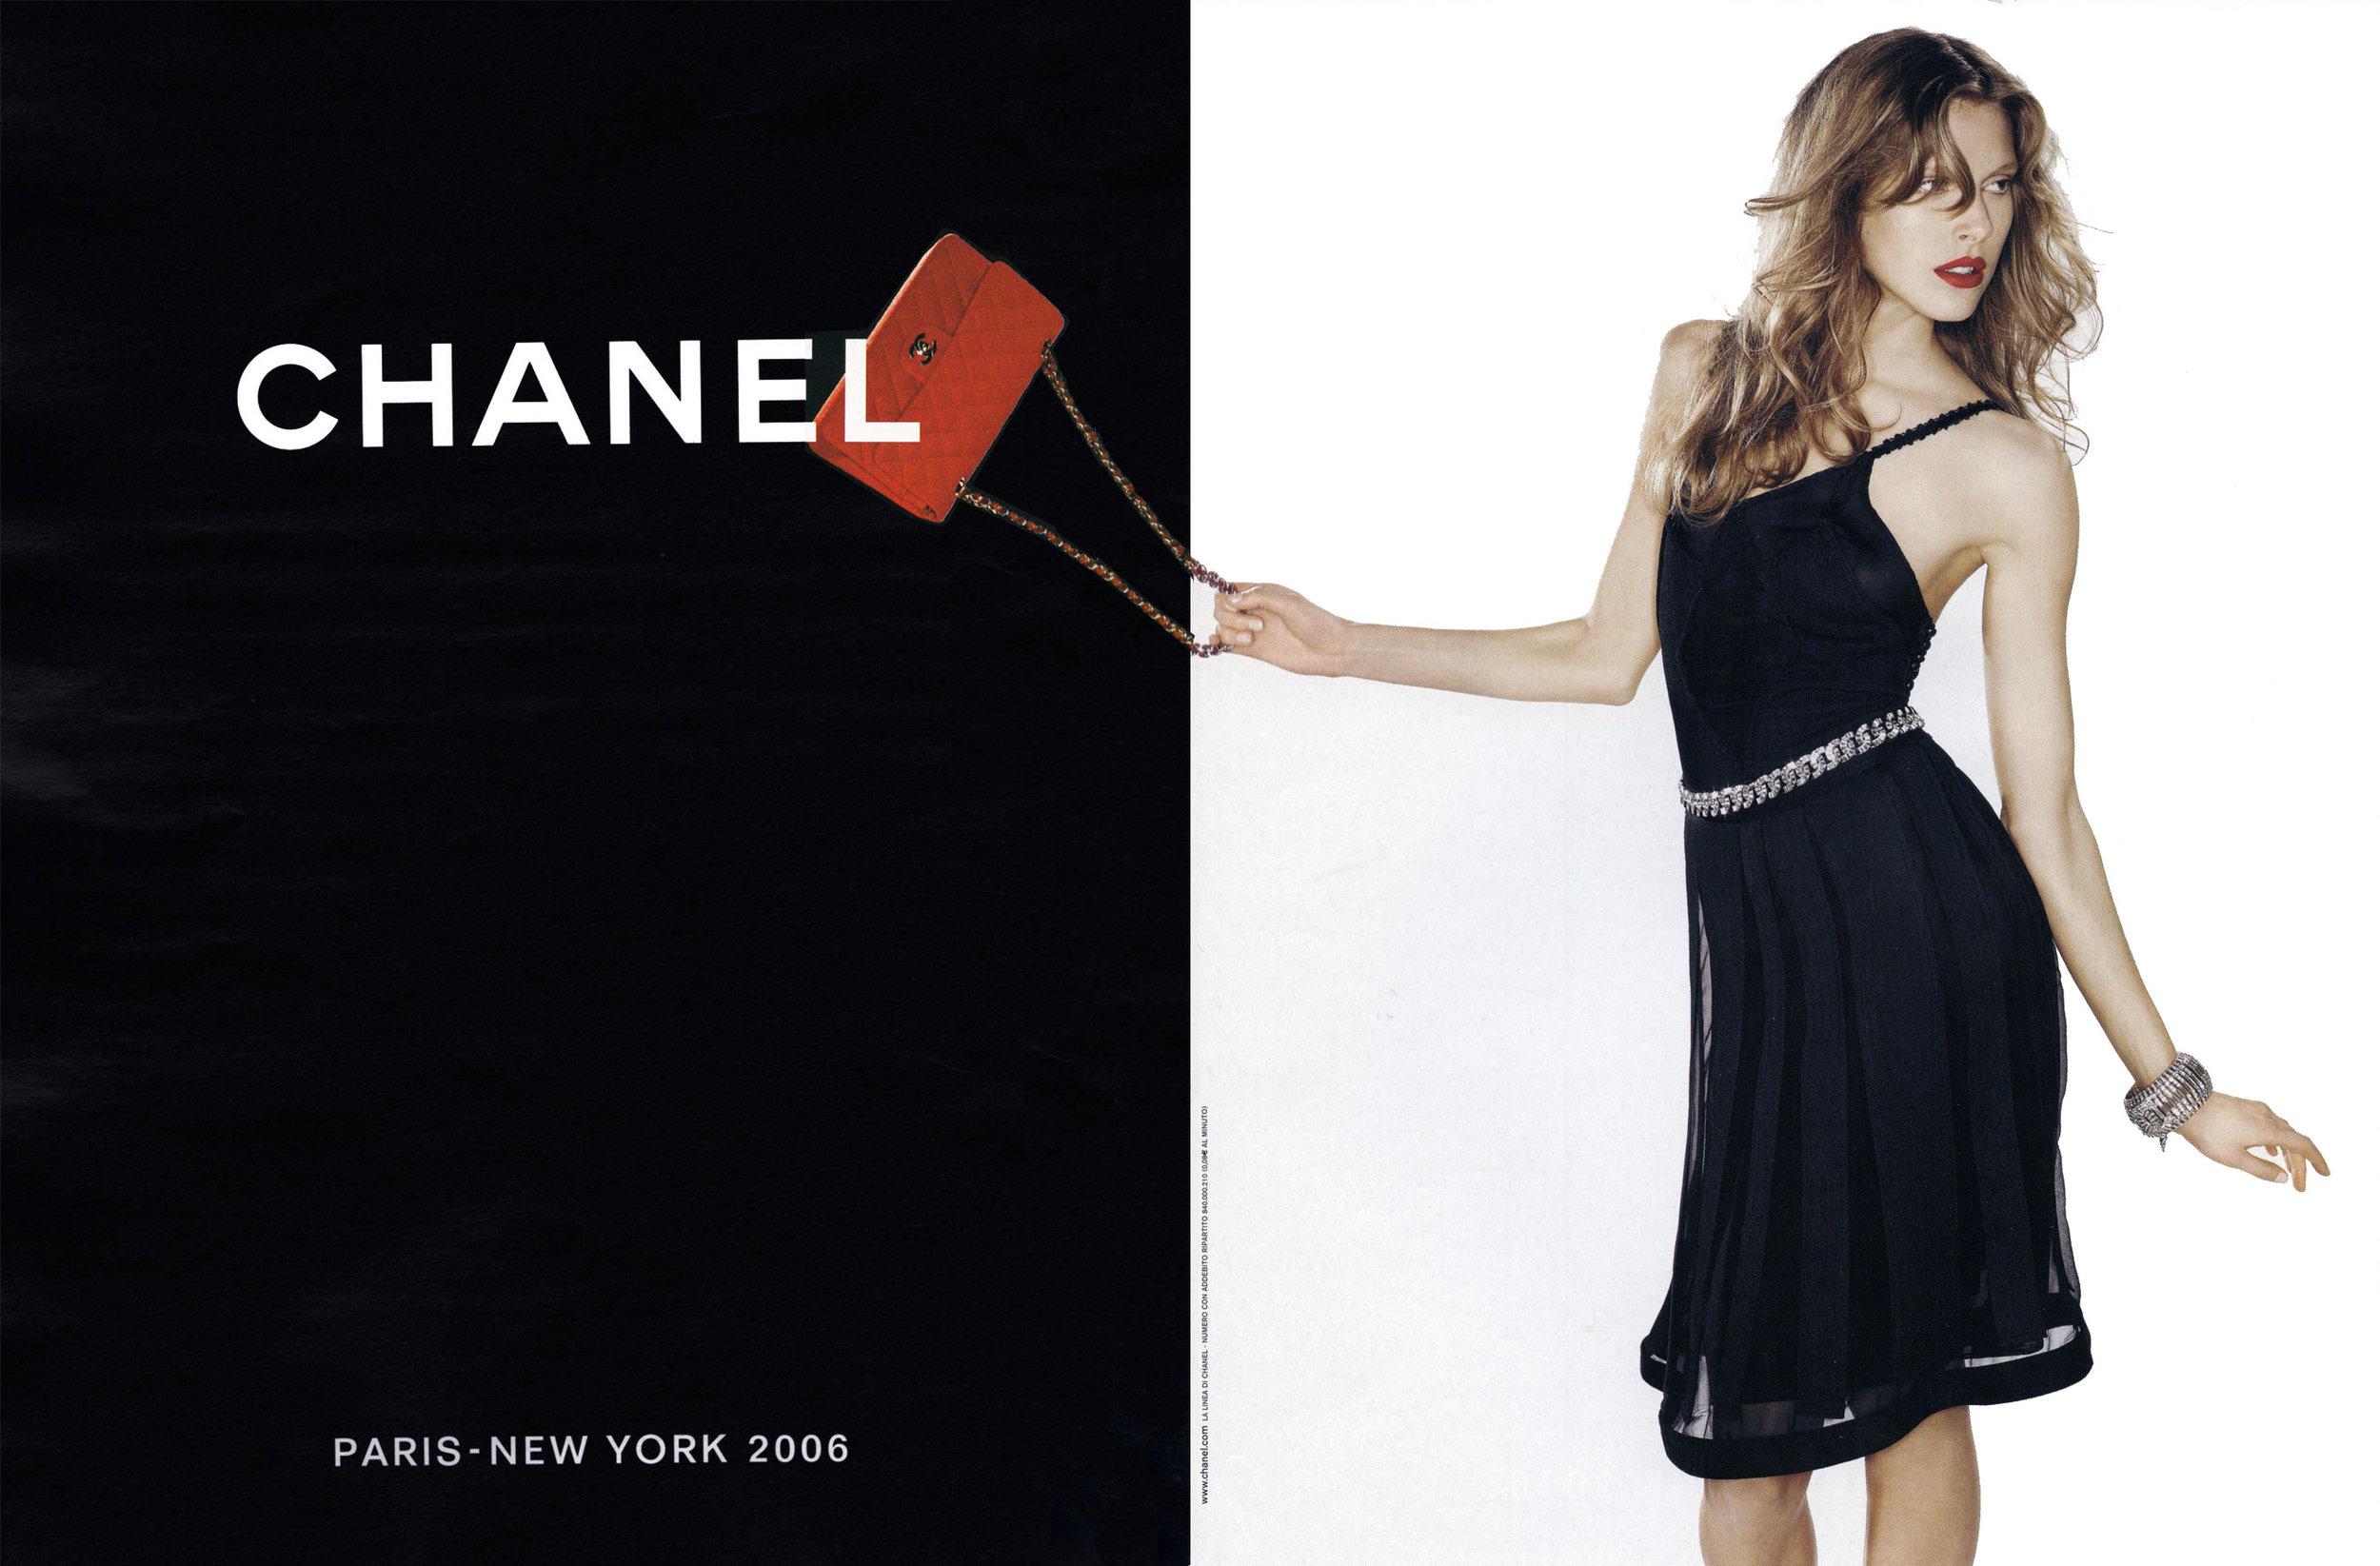 Chanel-SS_06-Karl-Lagerfeld-5_Iselin Steiro.jpg